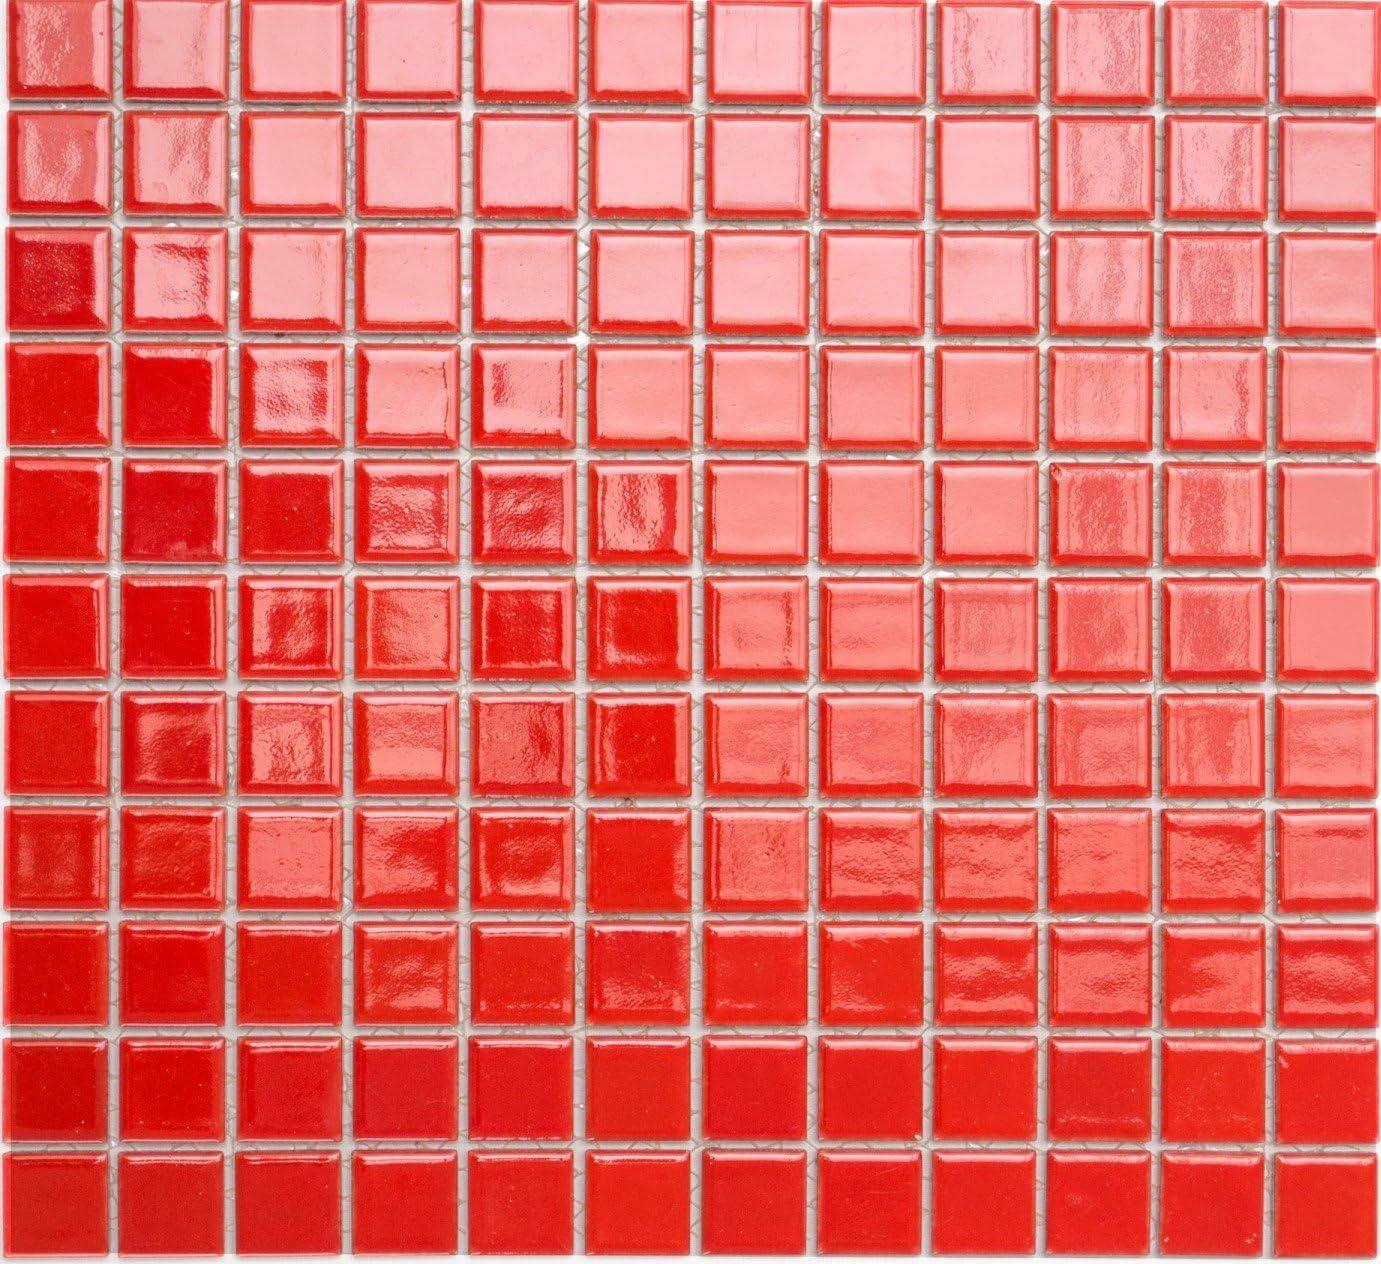 Piastrelle a mosaico dimensioni foglio: 330 x 302 mm 1 foglio in ceramica dimensioni: 2,5 x 2,5 x 6 mm quadrate a tinta unita rosso lucido